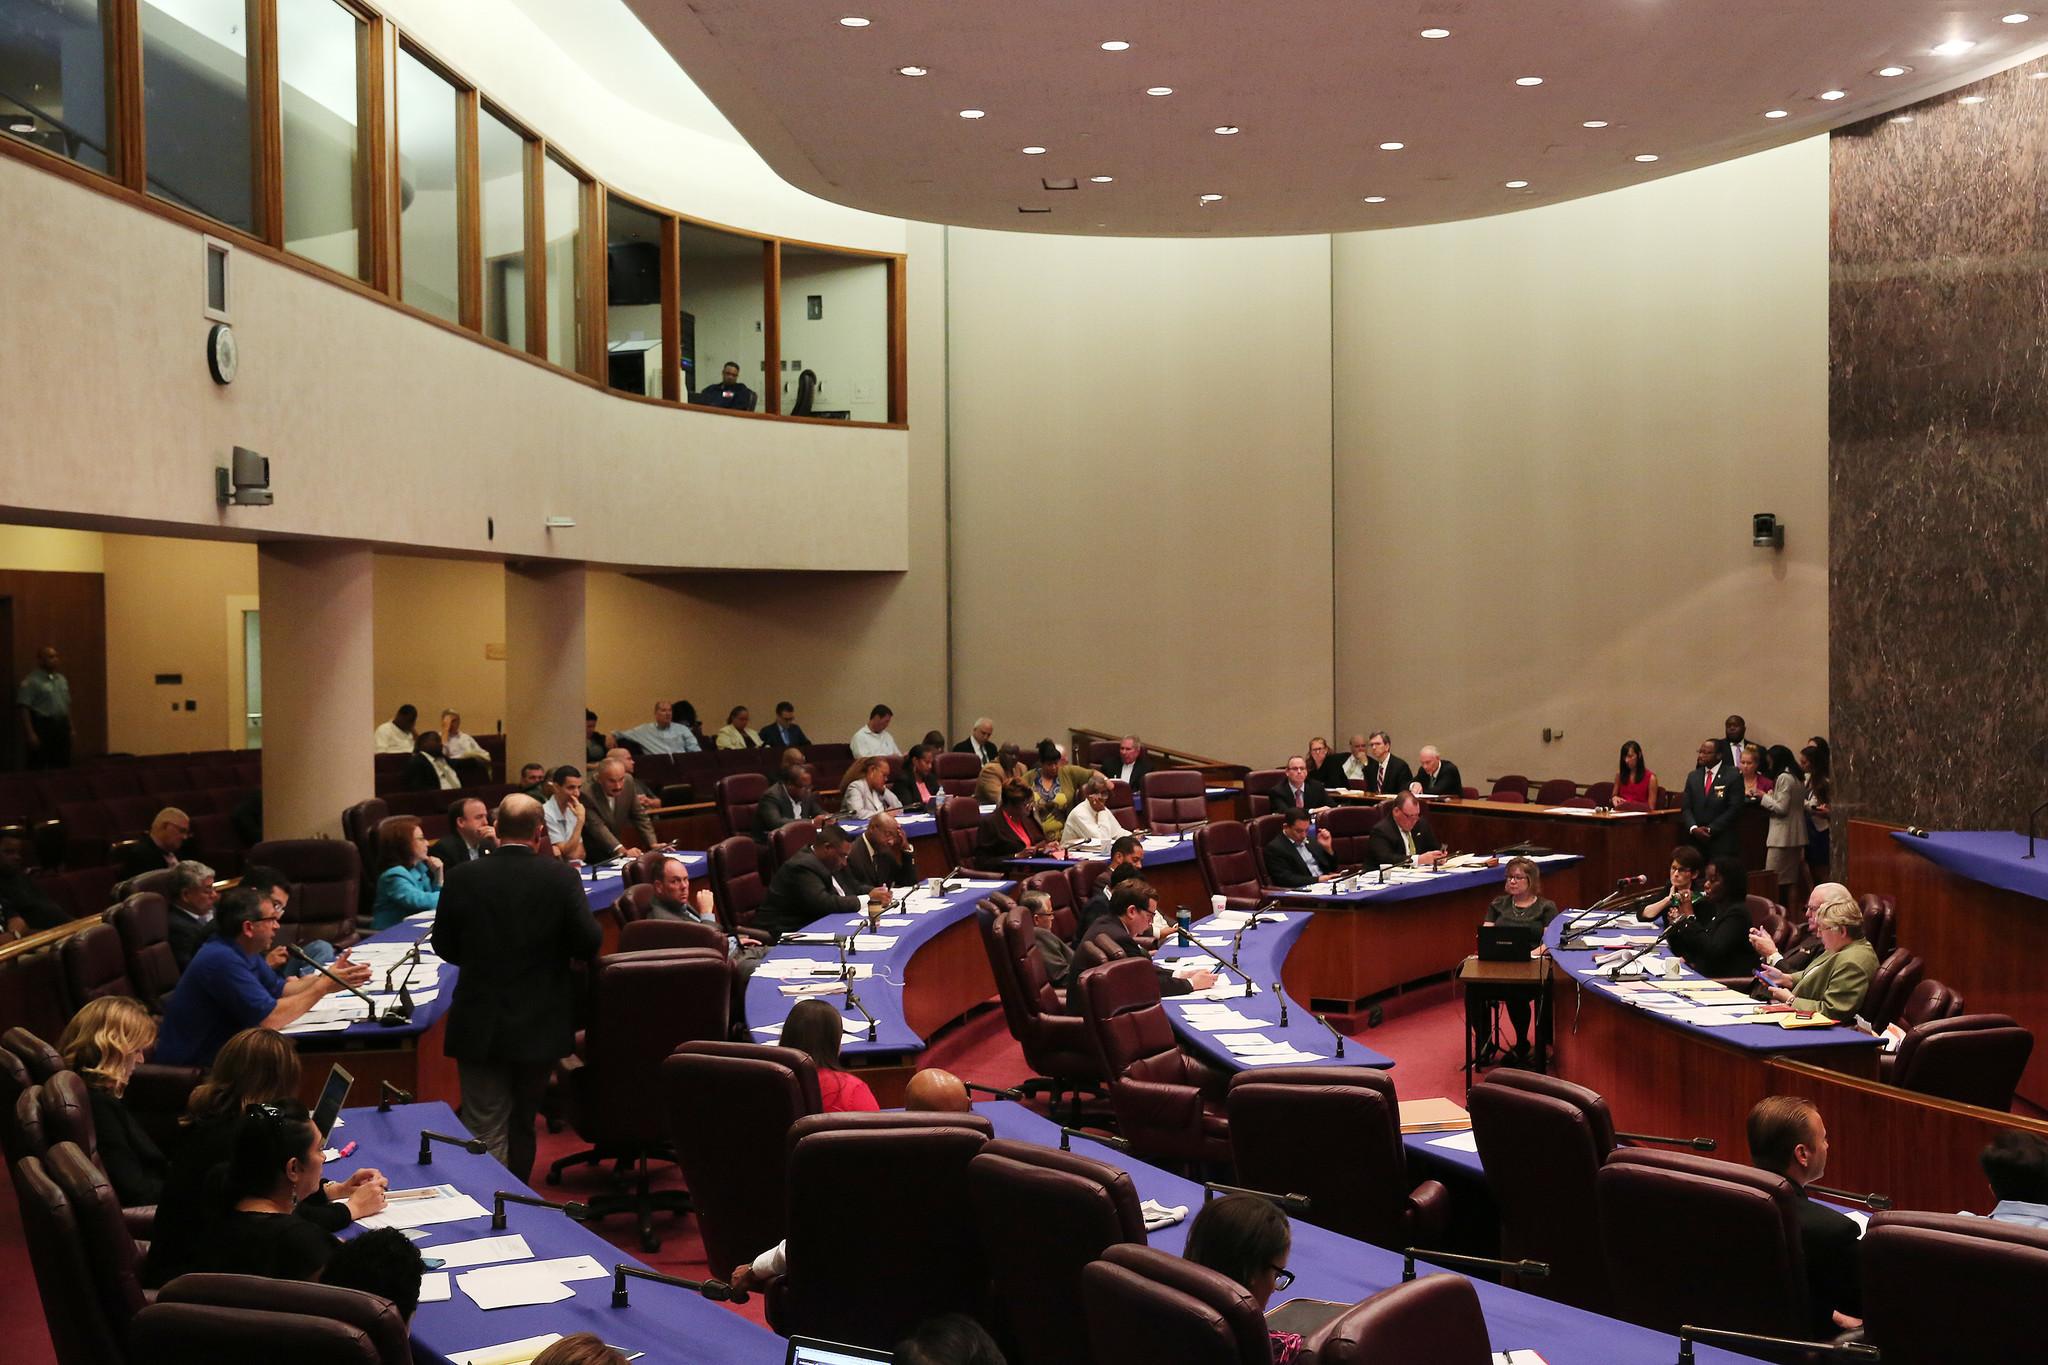 Chicagoans Speak At City Council Meeting, But Did Aldermen